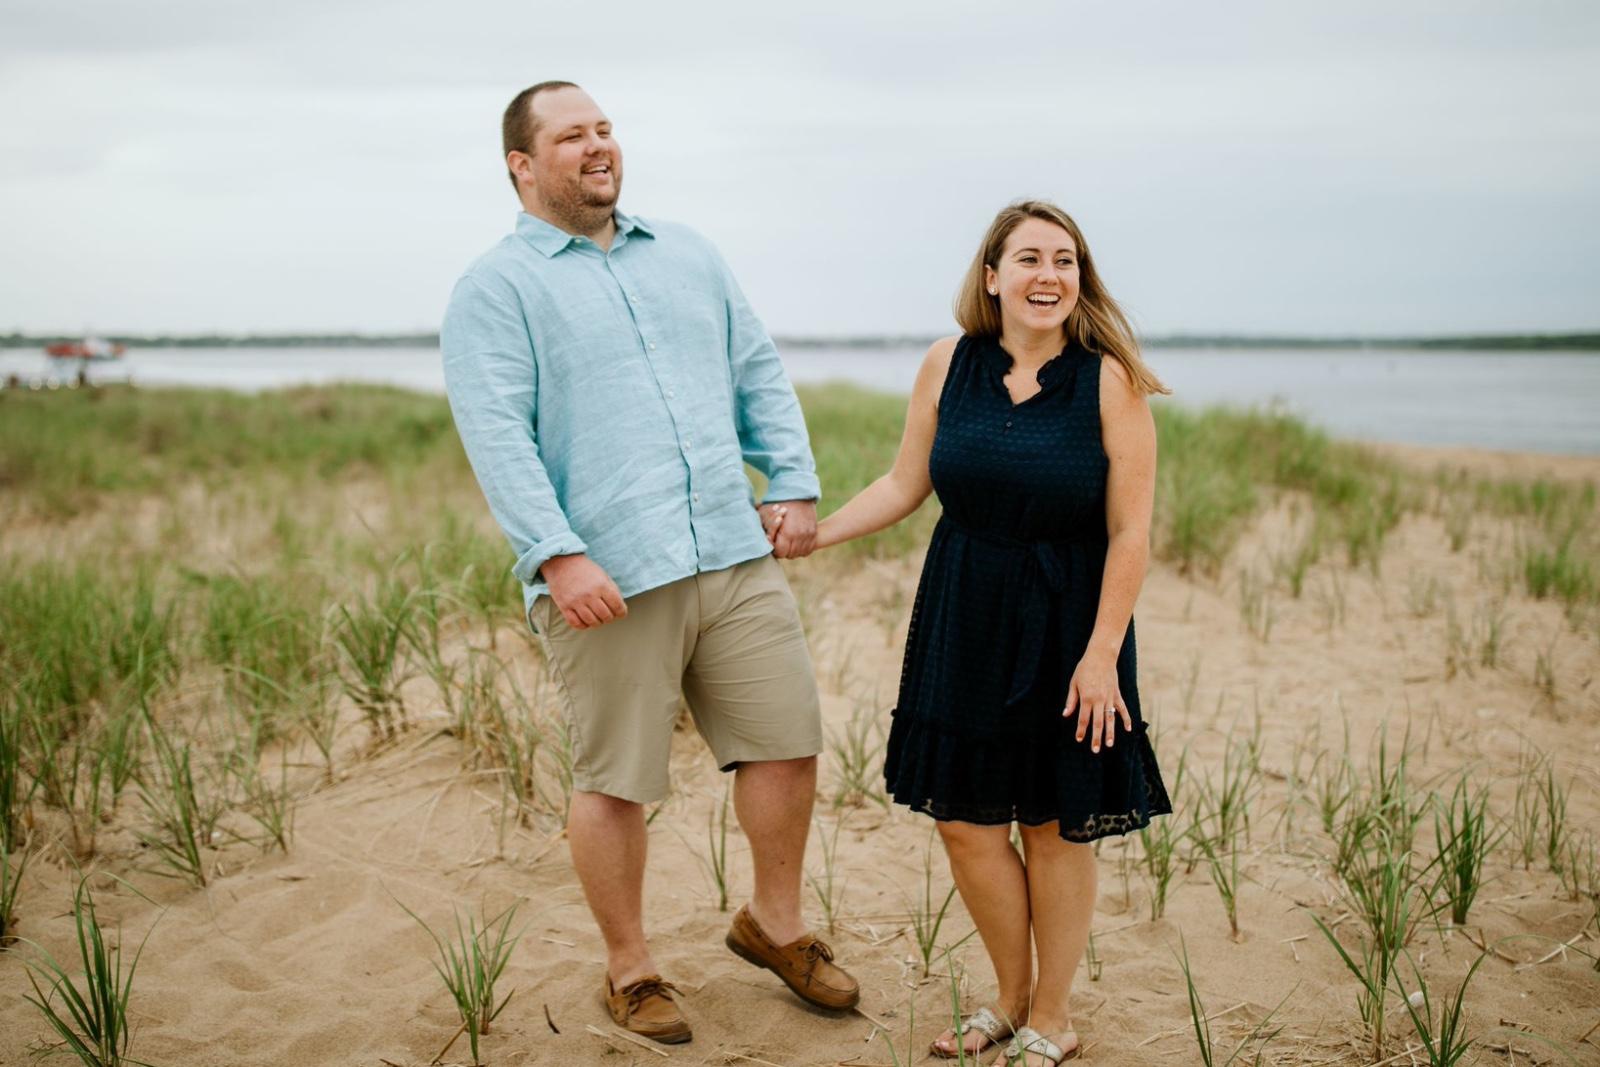 Matt and Kelly